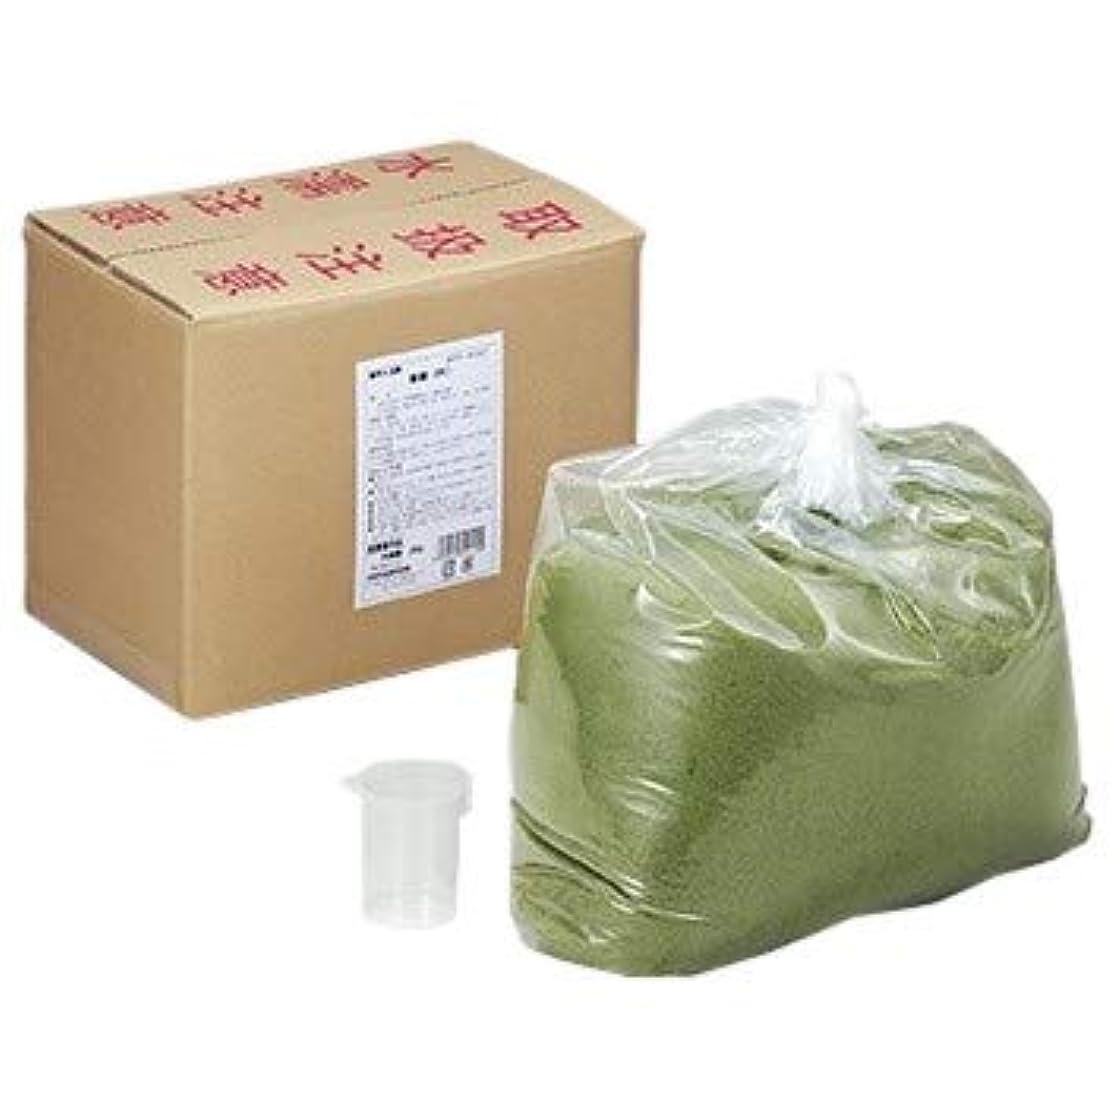 再撮り噴火割り込み新緑 業務用 20kg 入浴剤 医薬部外品